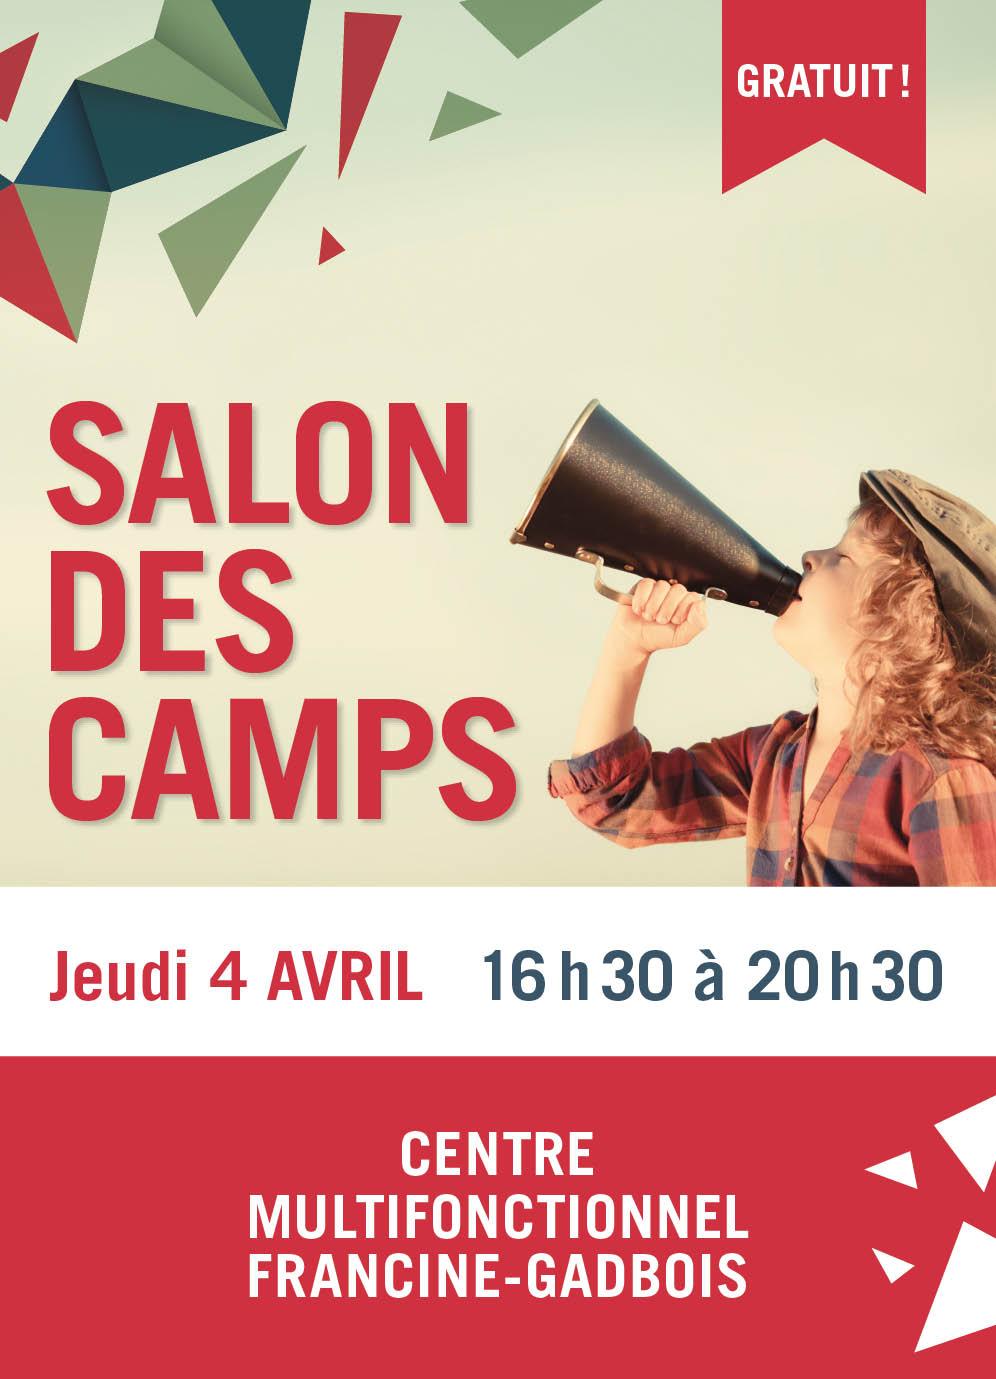 Le Salon des camps se tiendra le jeudi 4 avril au Centre multifonctionnel Francine-Gadbois